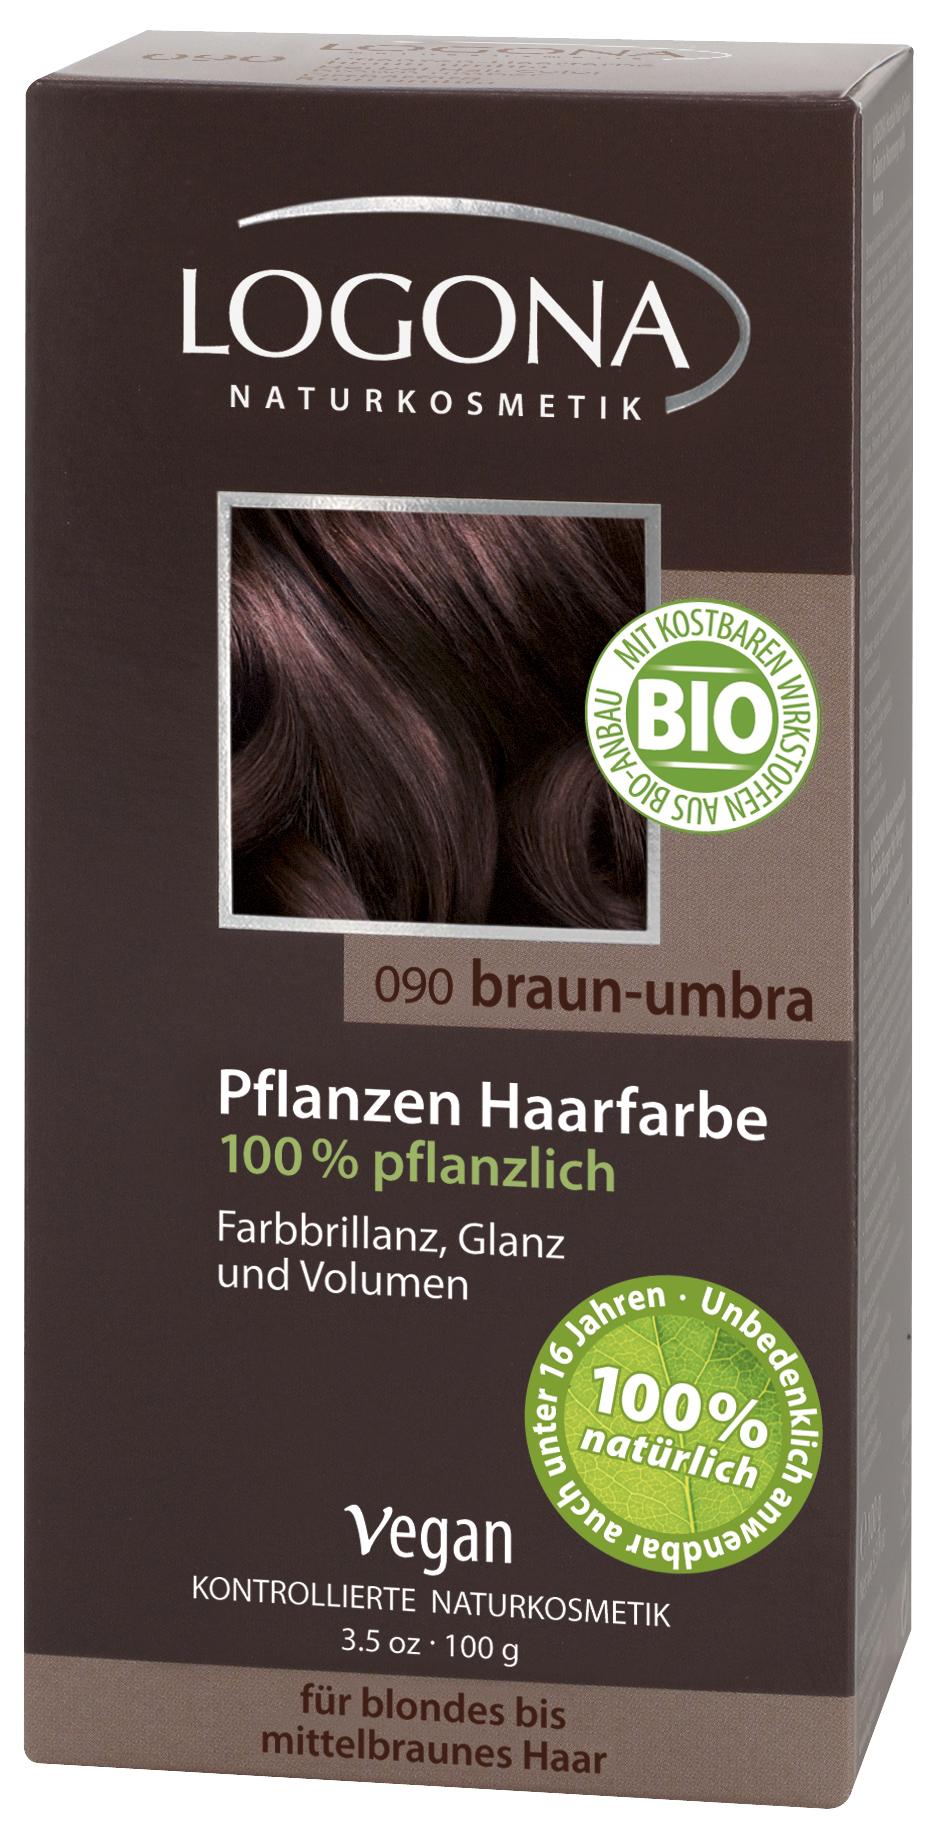 Logona растительная краска для волос 090 «Умбра темно-коричневый» 100 гр01108Оттенок «Умбра темно-коричневый» подходит для волос от светлых для каштановых. Растительные краски для волос Logona действуют бережно и дают длительный эффект. Состав из хны и других красящих растений, а также веществ растительного происхождения для ухода за волосами естественным образом укрепляют волосы и придают им больше объема и яркости.